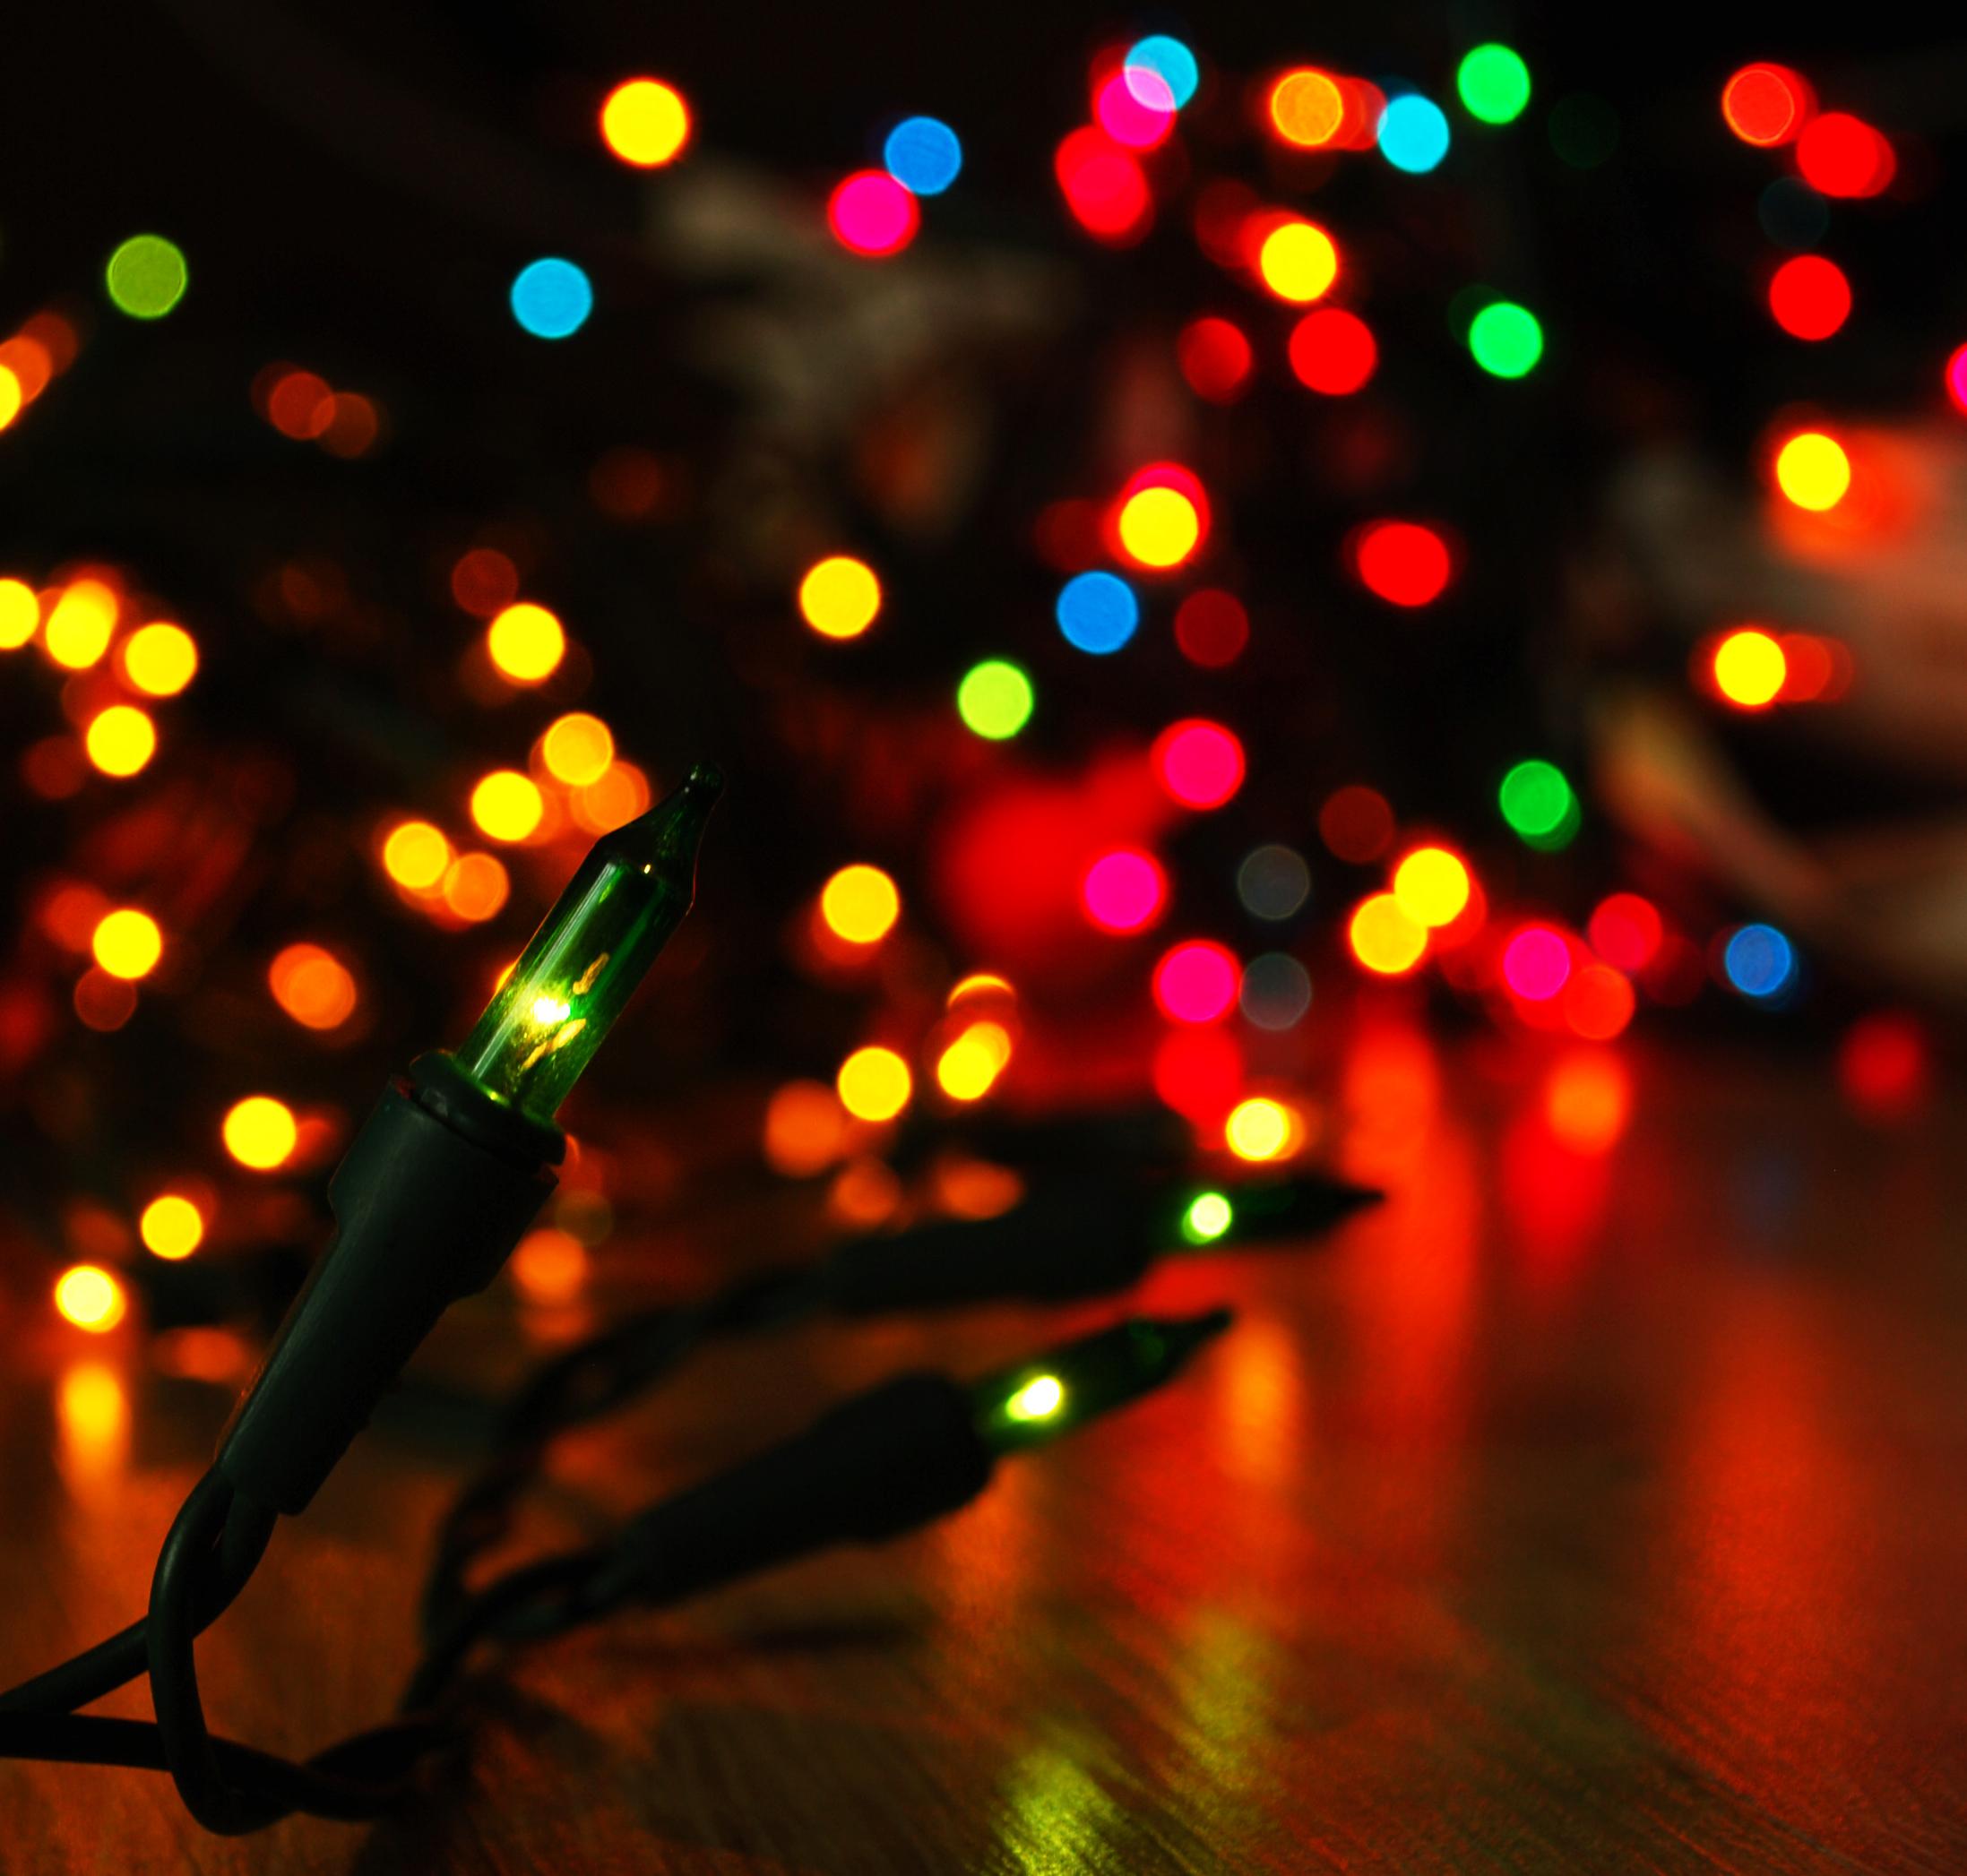 Google themes christmas - Christmas Lights Google Backgrounds Colorful Christmas Lights Google